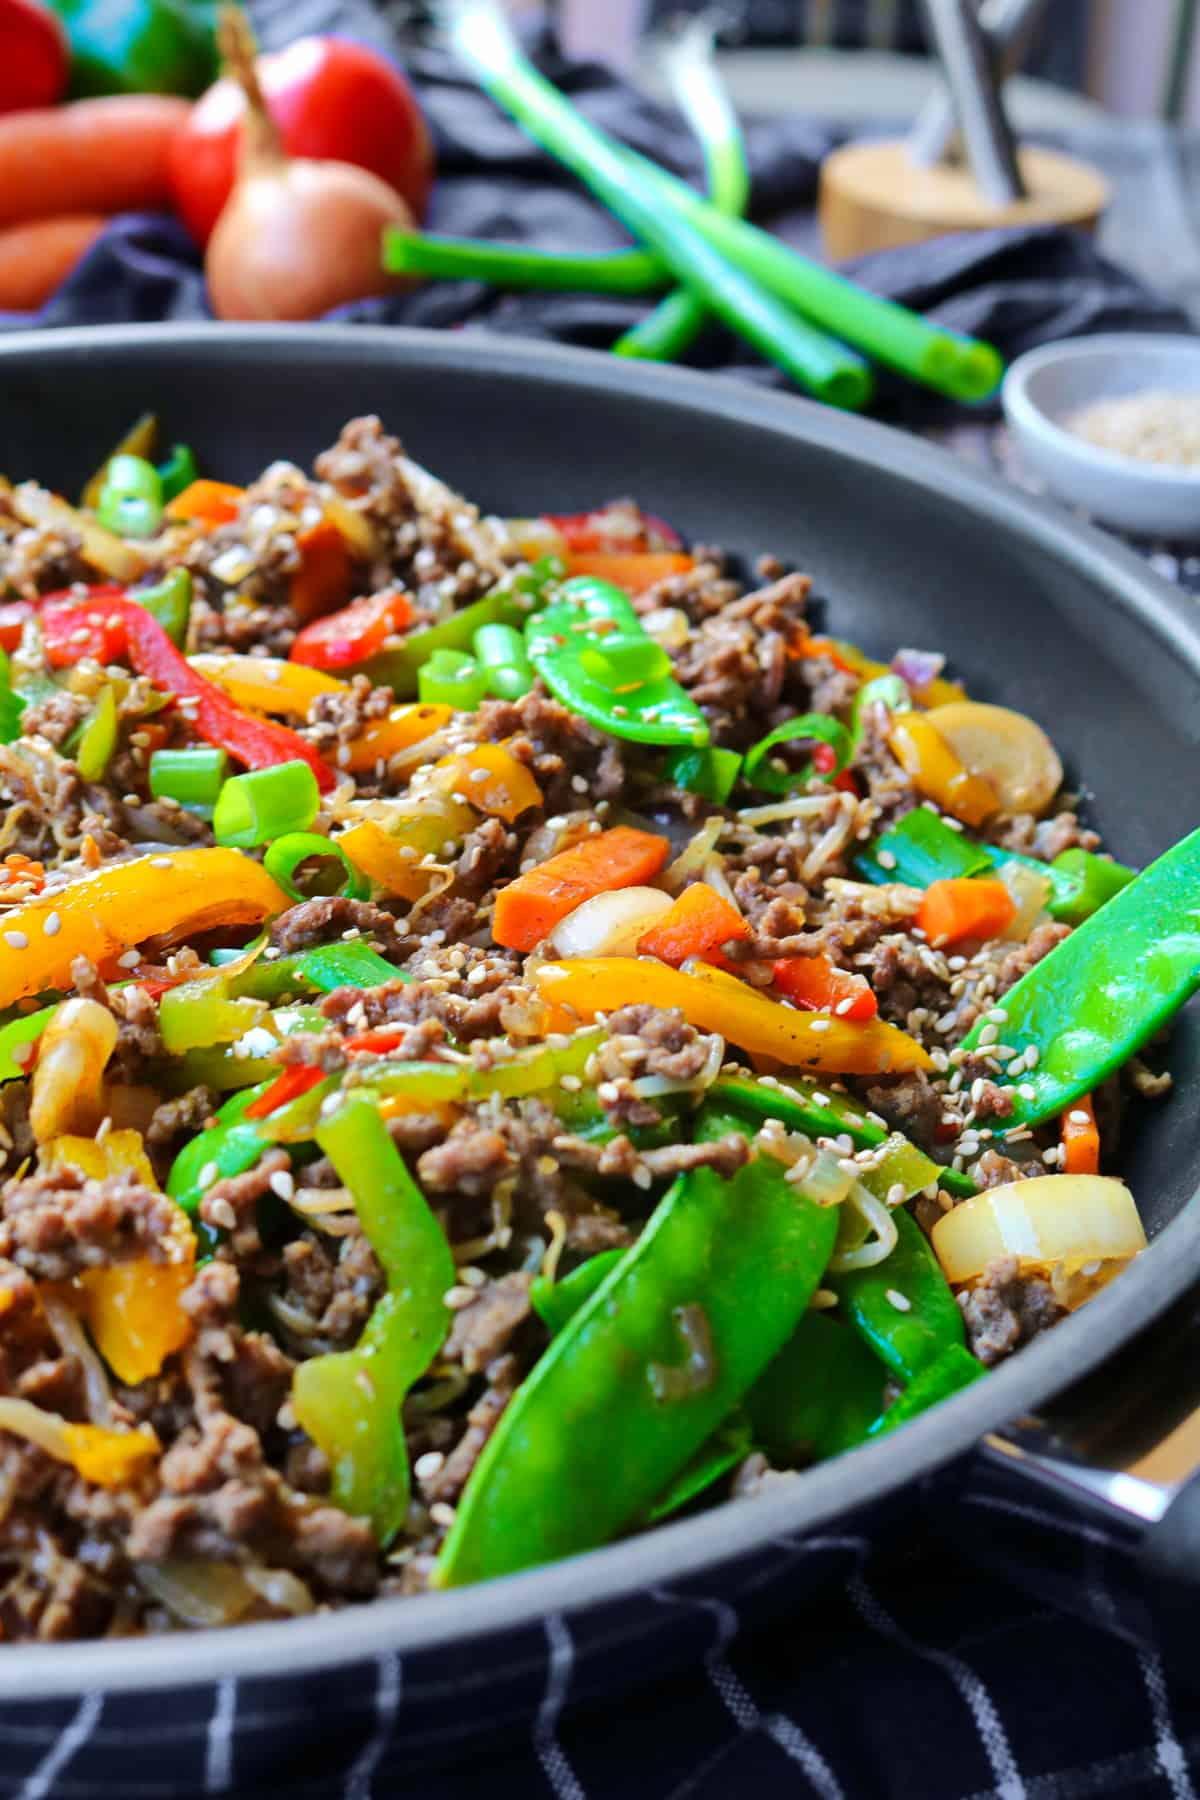 Eine Pfanne mit dem Reispfannen-Gericht mit Gemüse und Rinderhack,